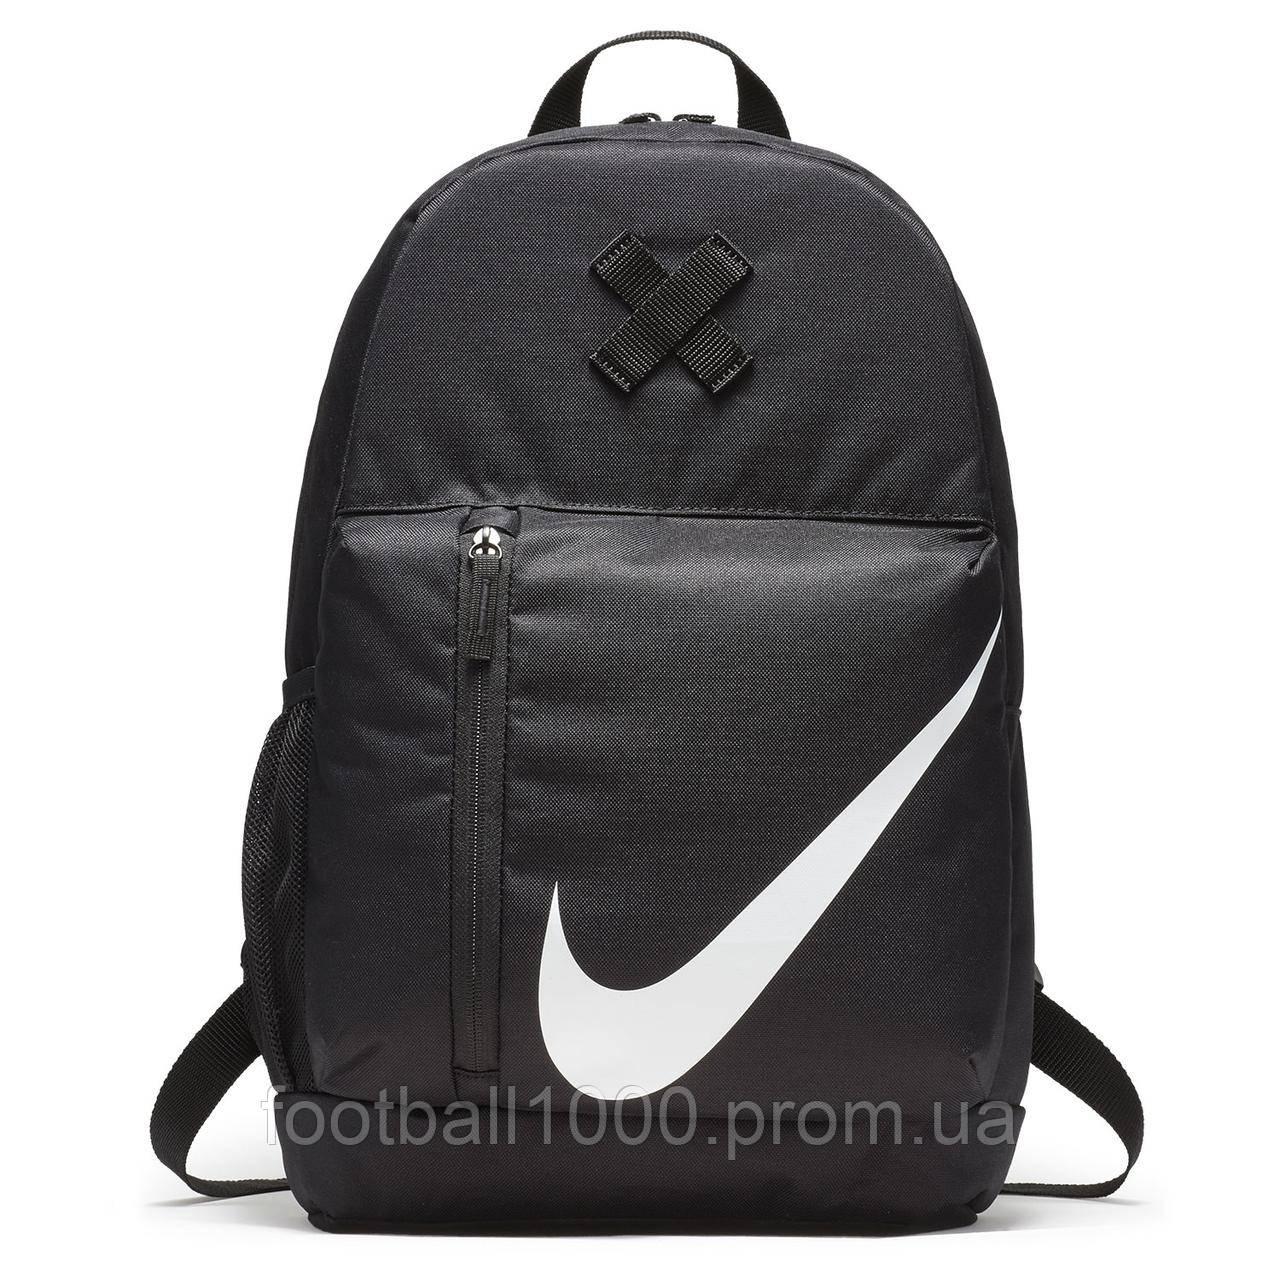 c1fabfa7 Рюкзак детский Nike Elemental Kids' Backpack BA5405-010 - Gooool.com.ua